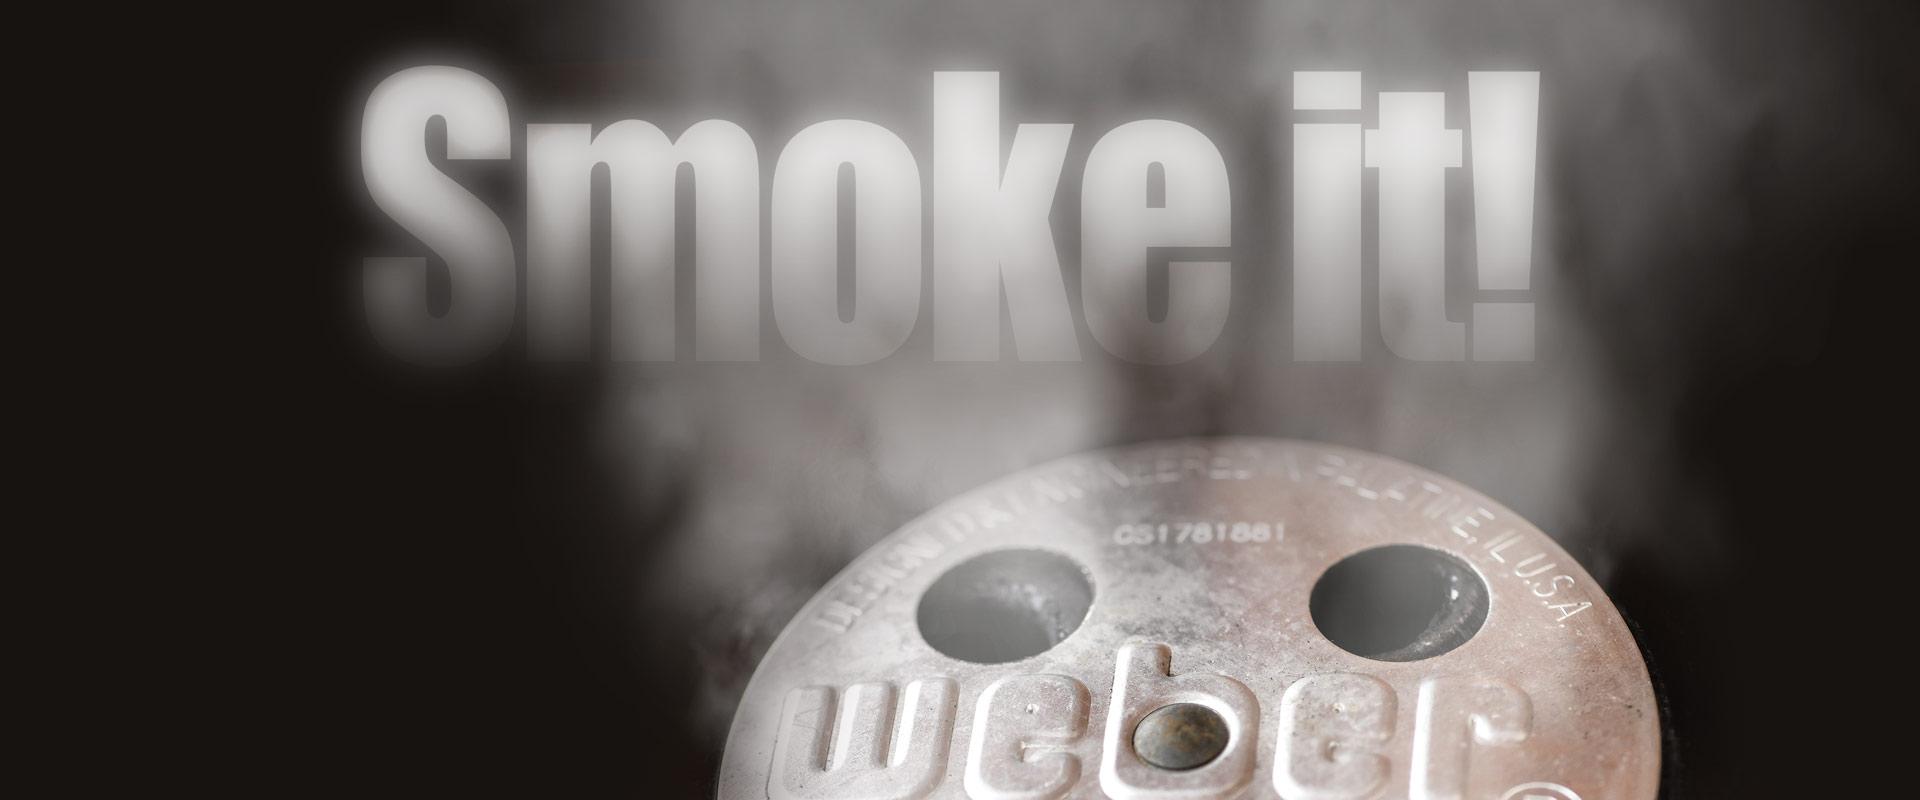 Smoke it